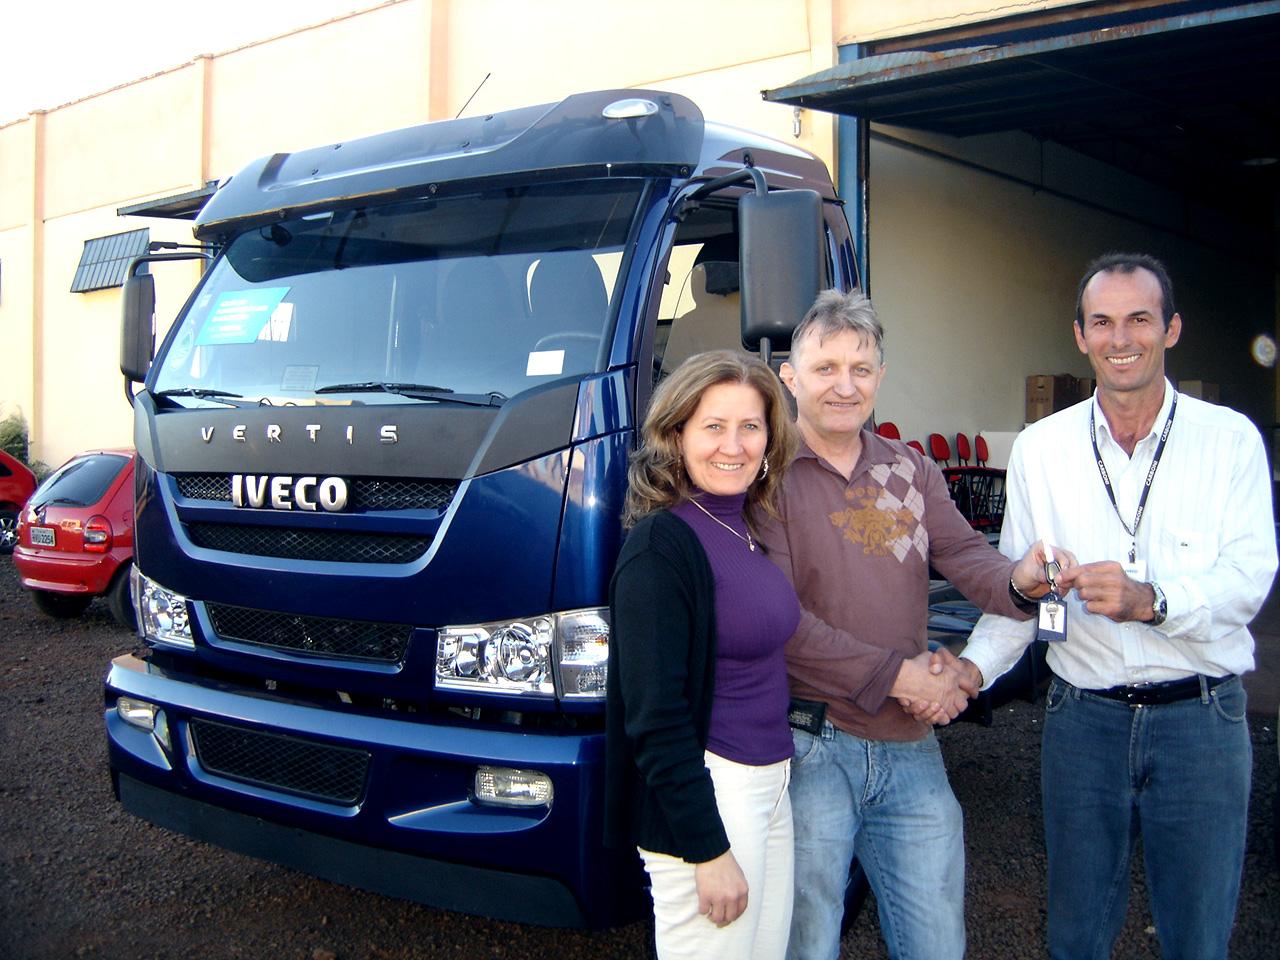 Delus aumenta a capacidade de distribuição dos seus produtos com o Iveco Vertis Fotos%2520entrega%2520vertis%2520DELUS%252003 05 2012%2520002